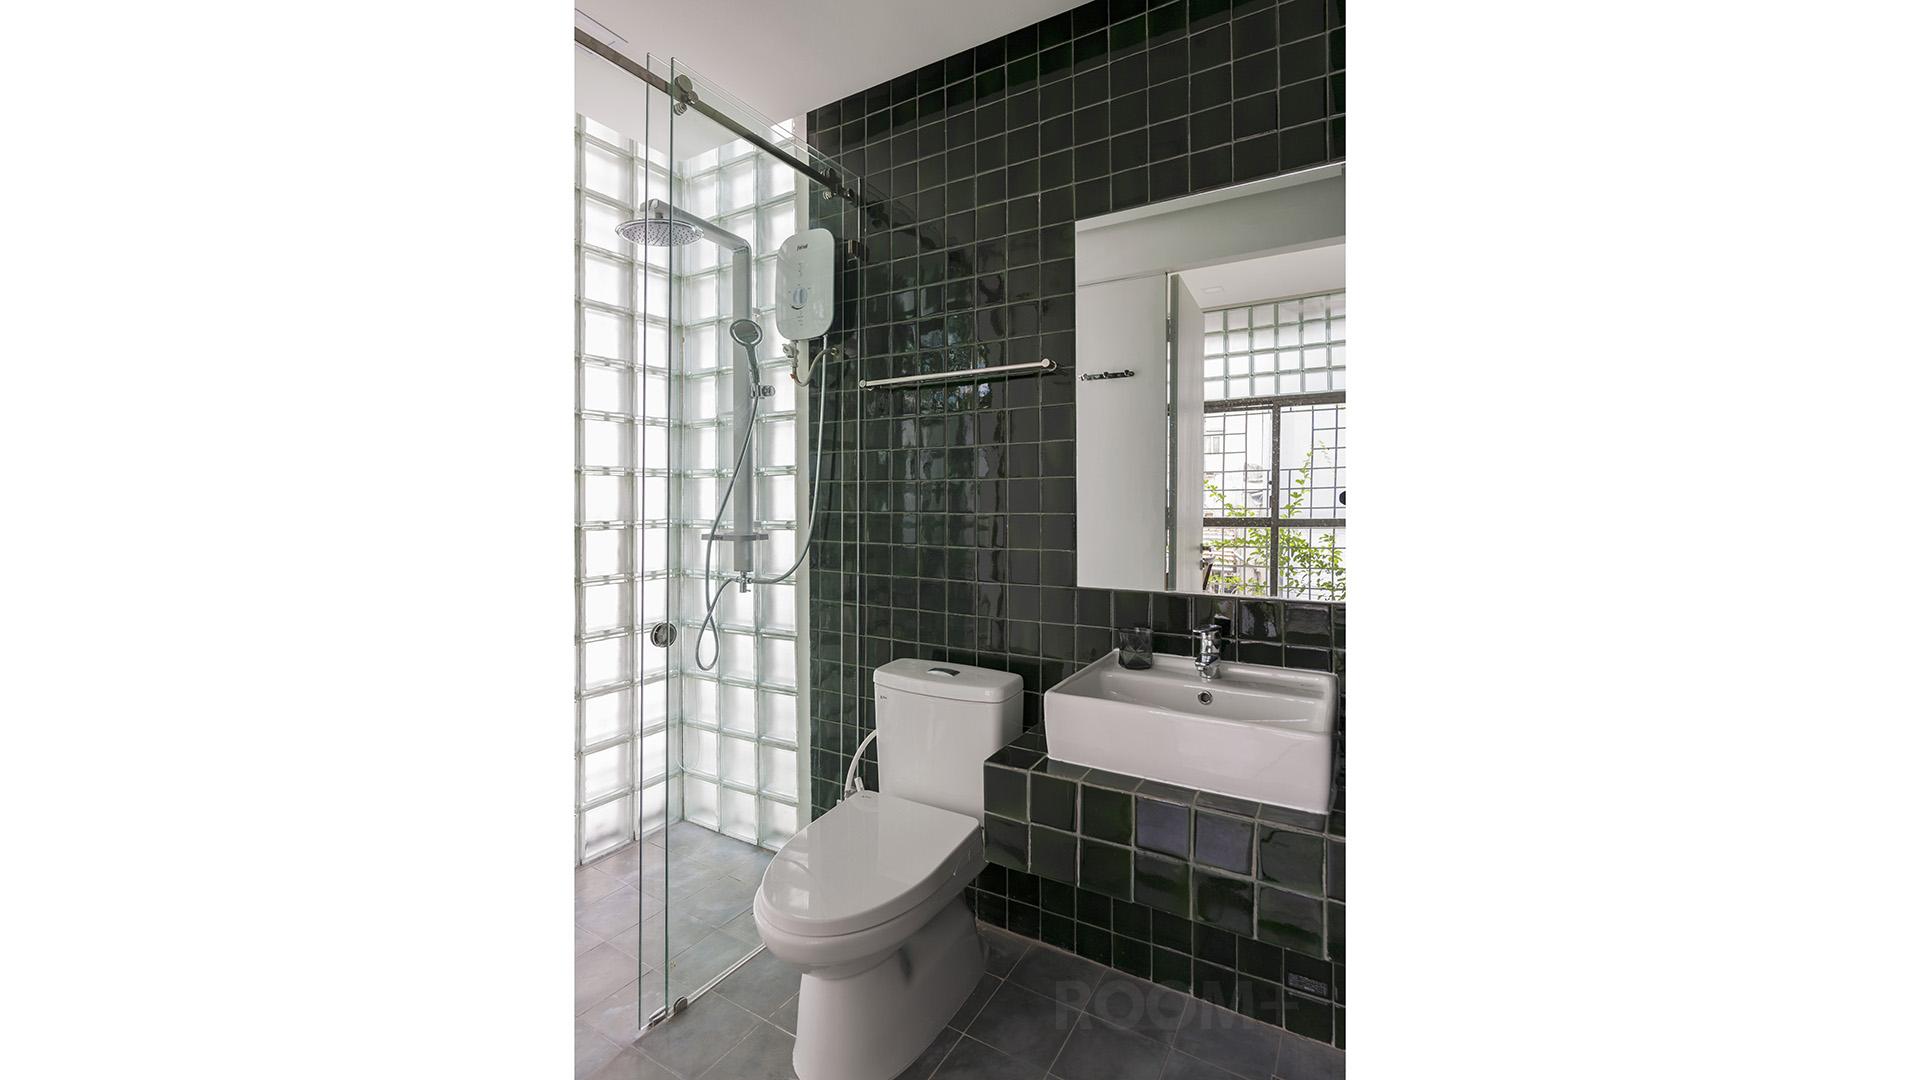 Phòng tắm đẹp - Nhà gạch kính - ROOM+ (1)